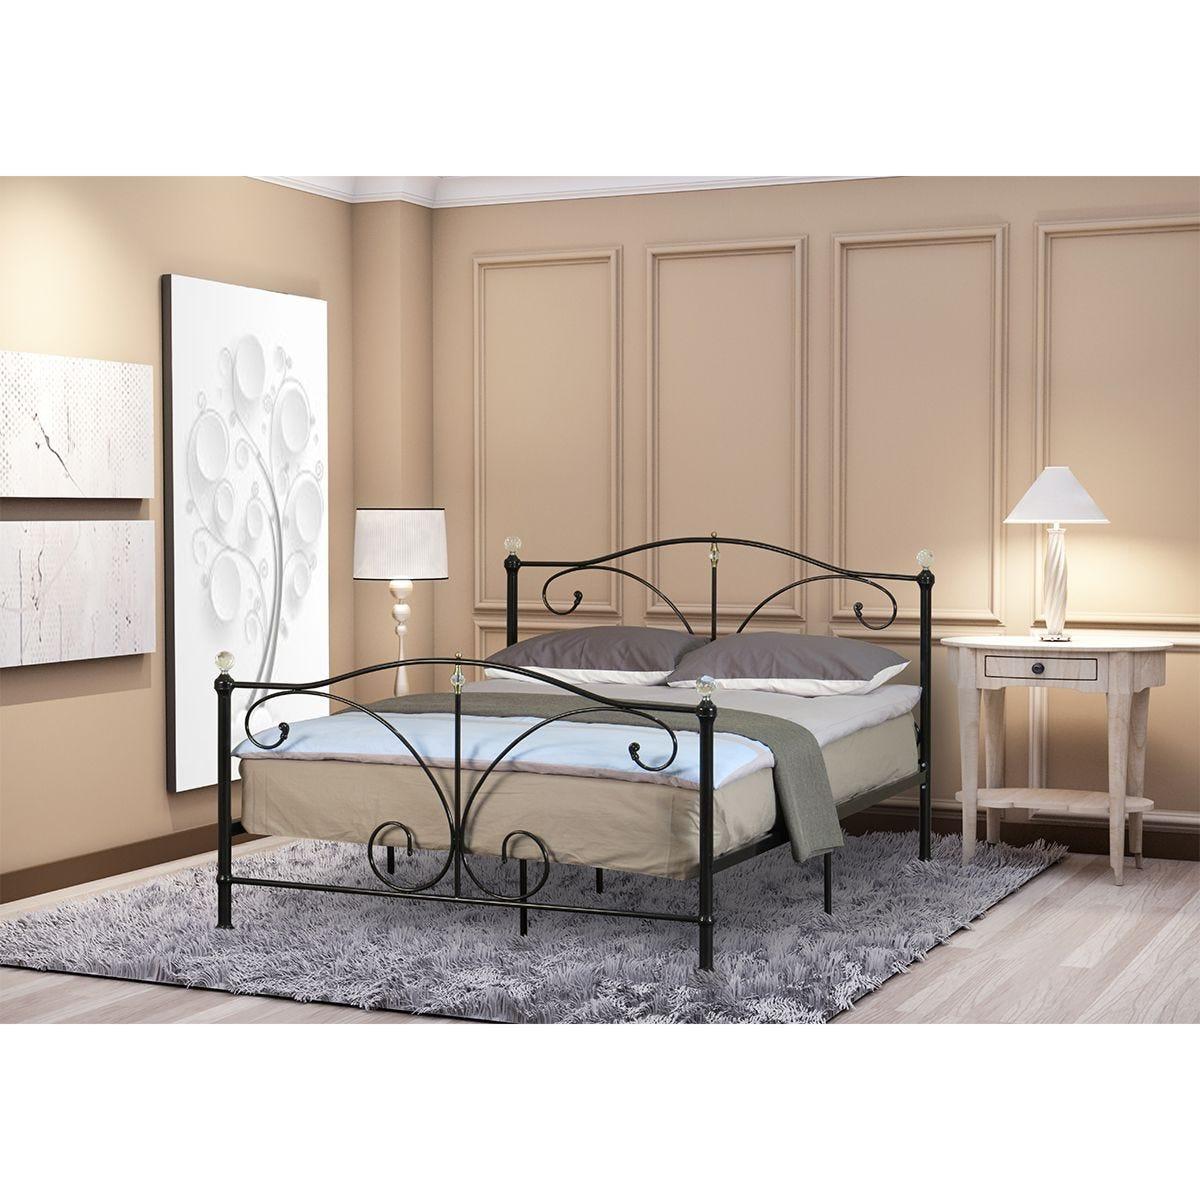 Ascari Bed Frame - Black